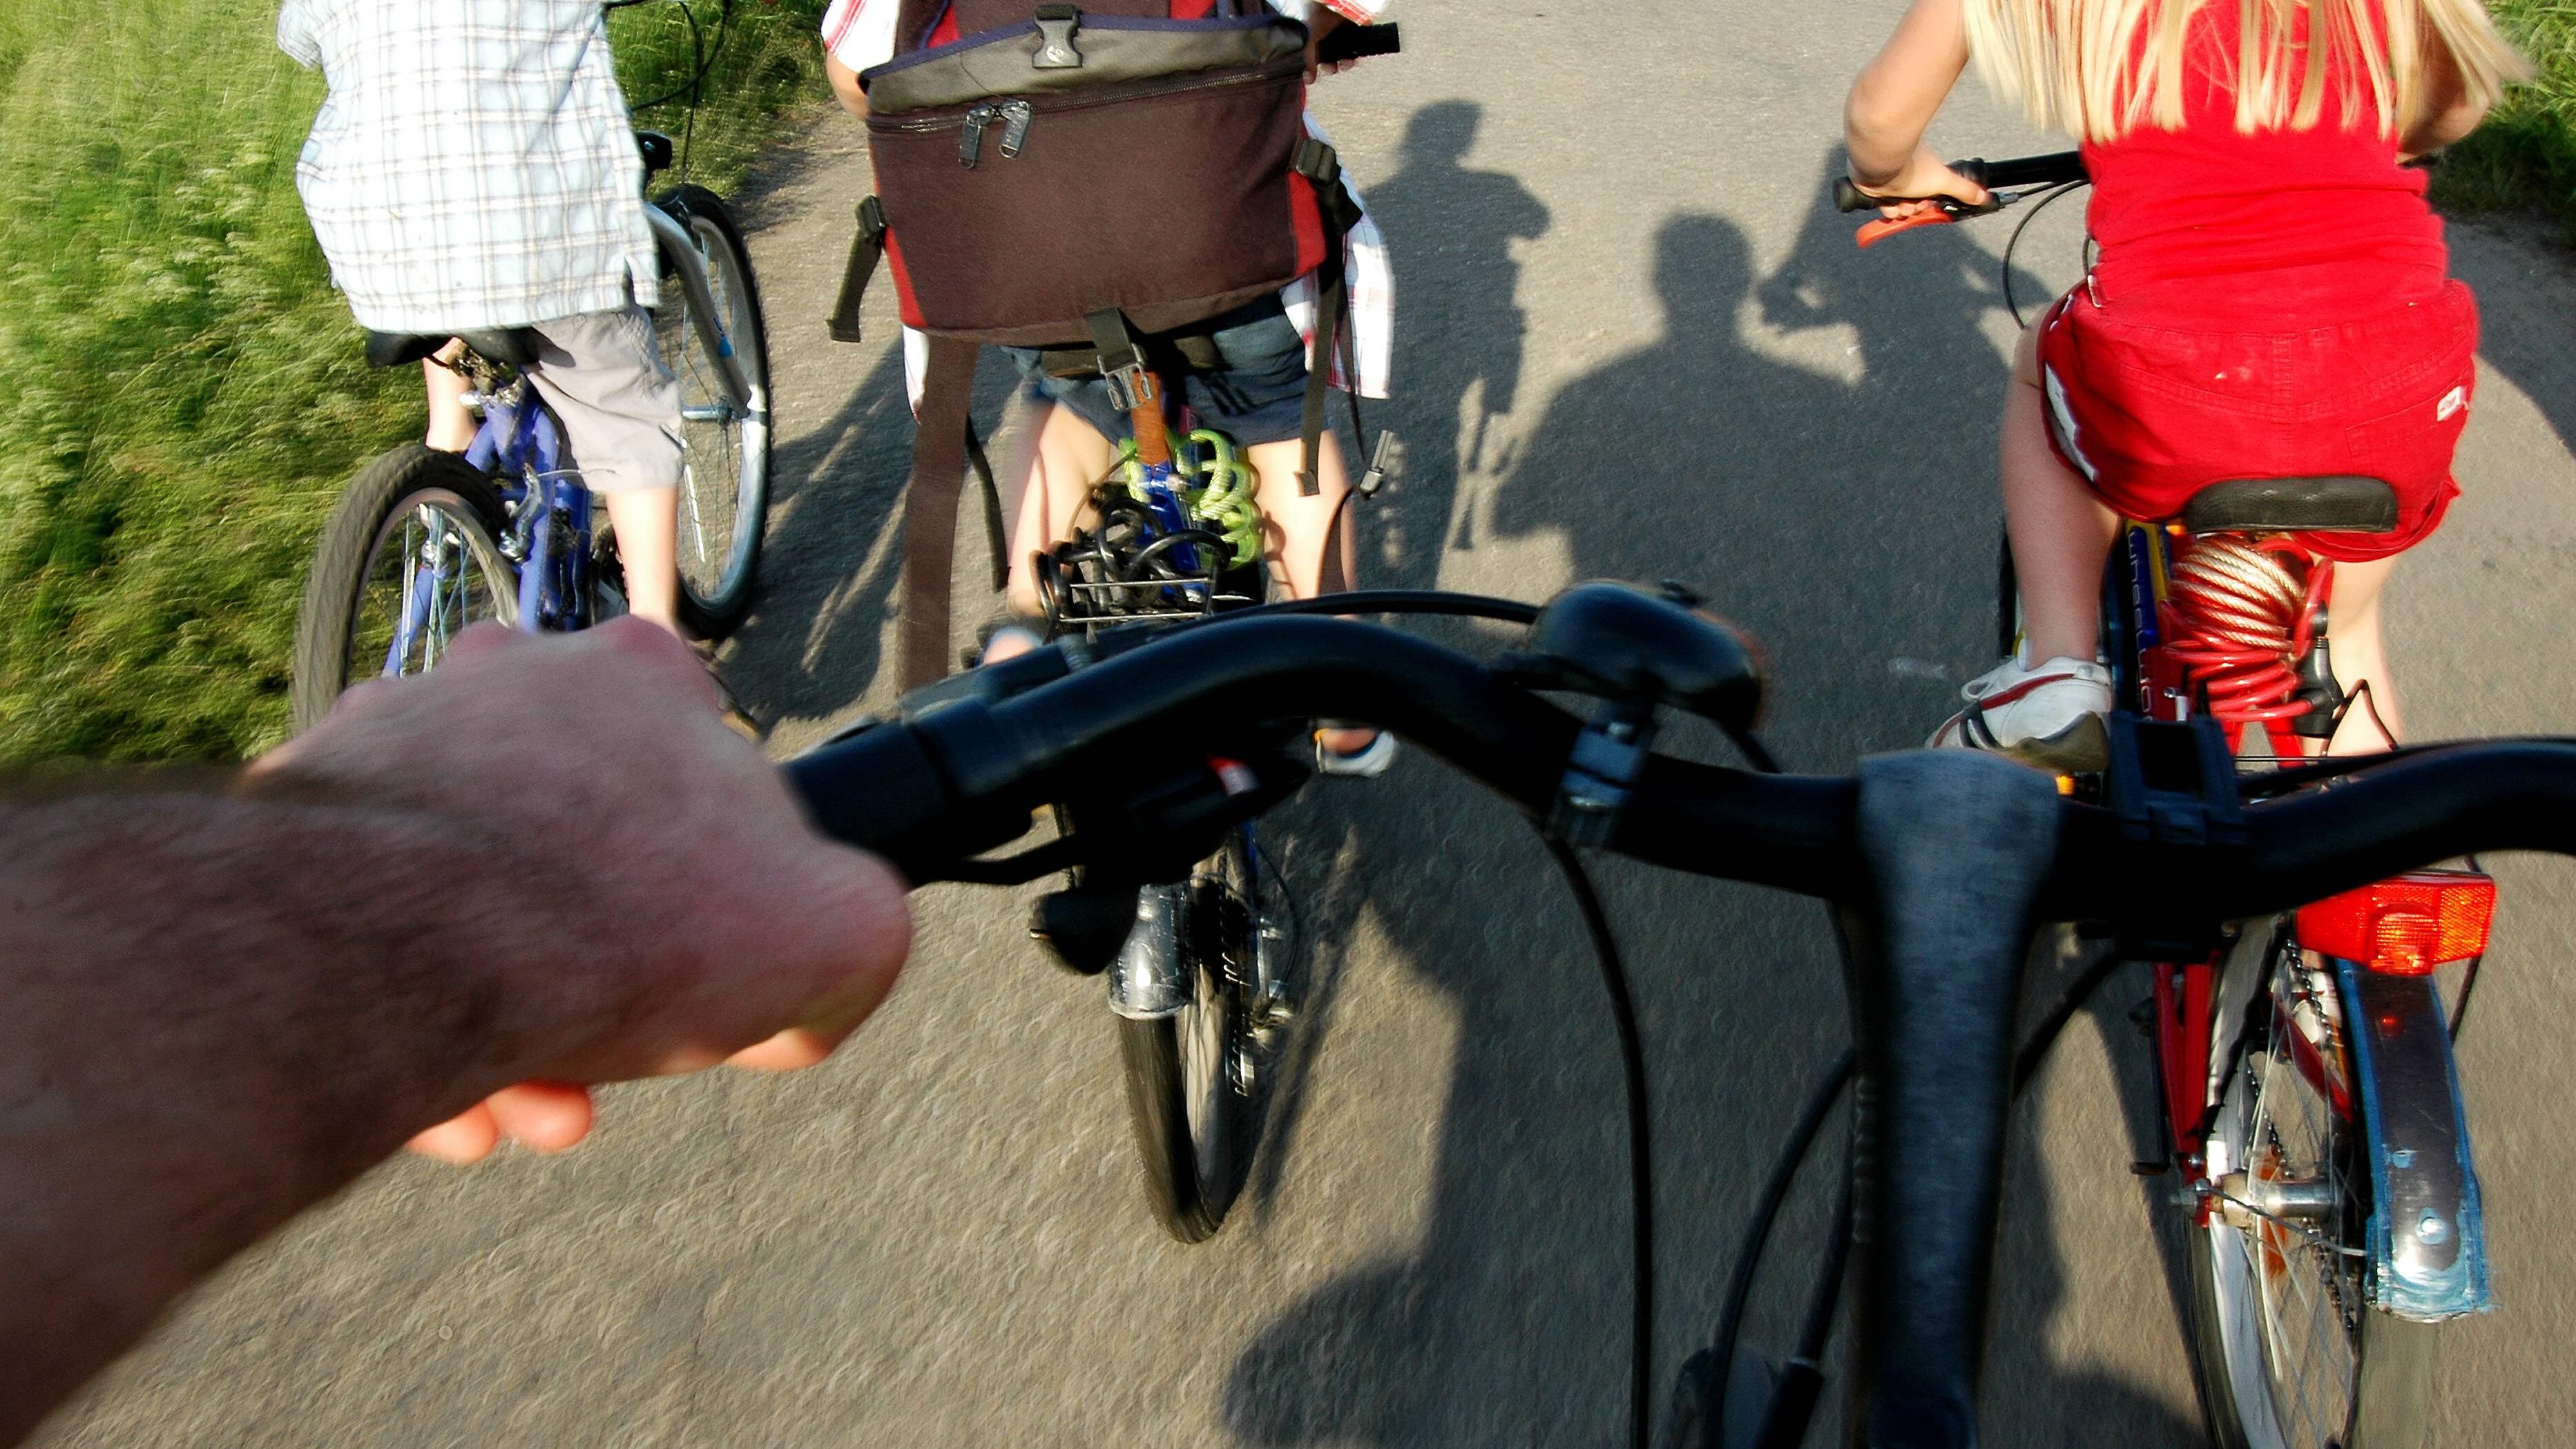 Finger schlafen bei Anstrengung ein - Fahrradfahren